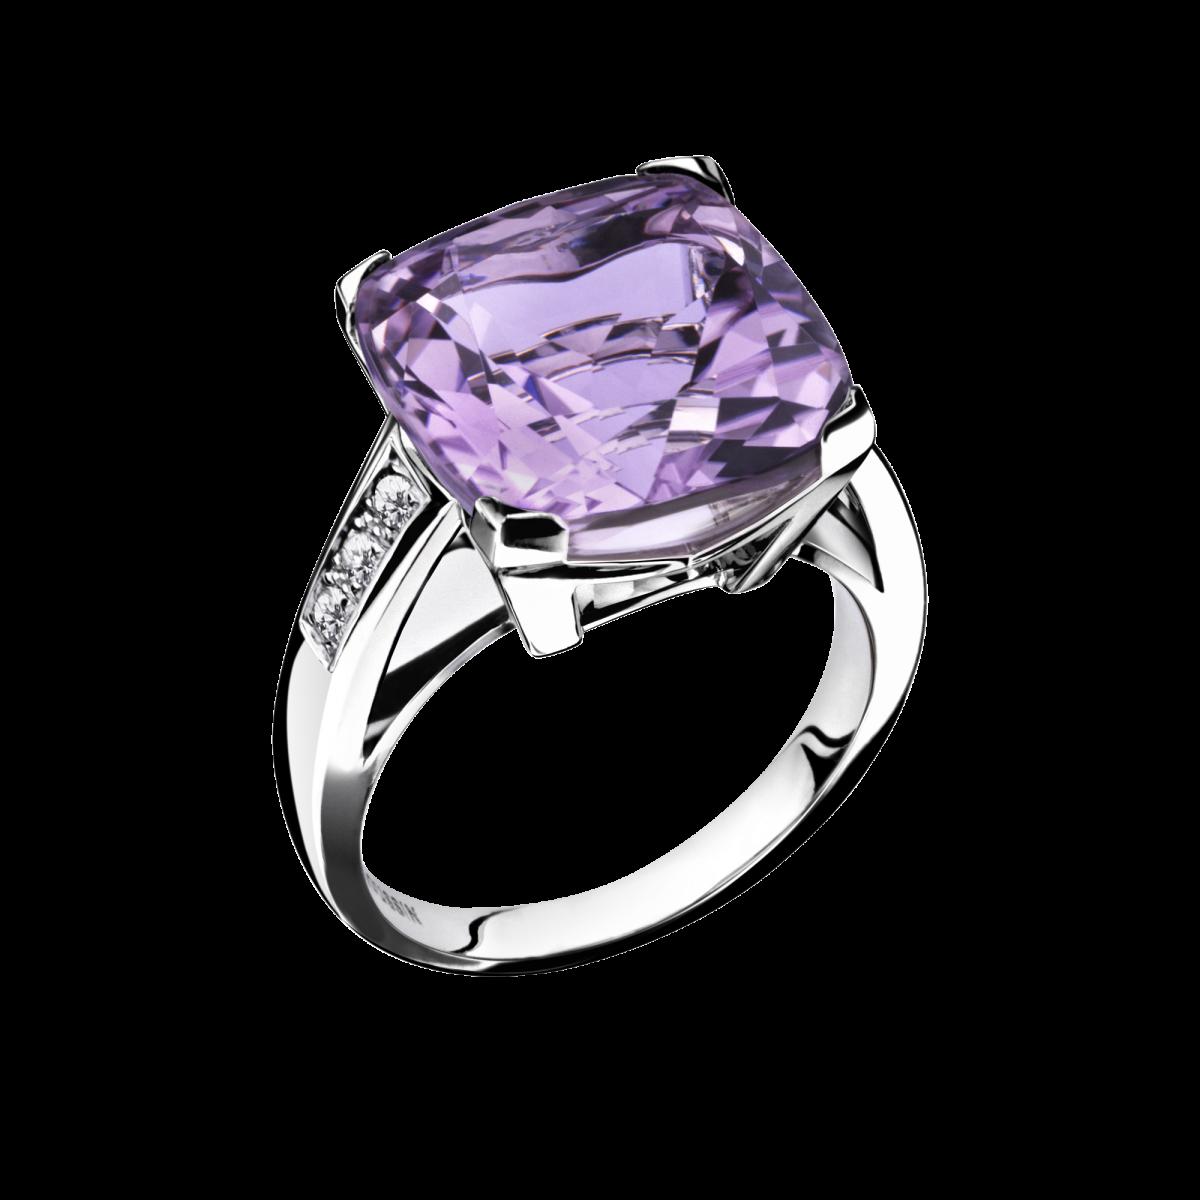 bague or blanc avec pierre violette